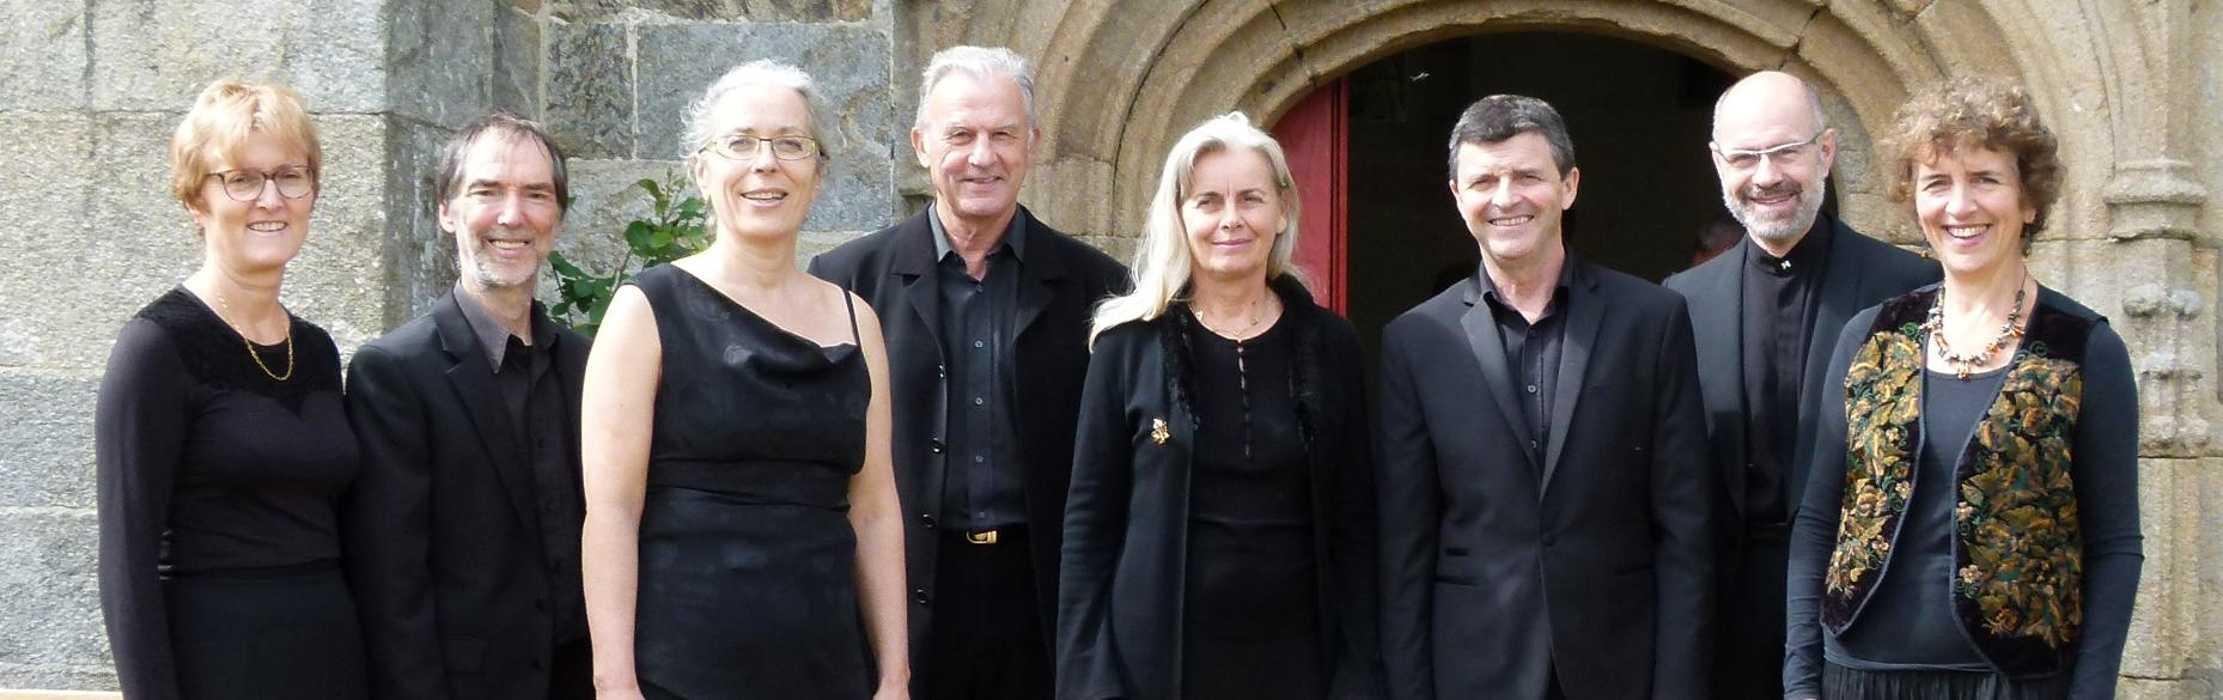 Dimanche 14 octobre à 17h à la Chapelle du Saint-Esprit des Bois : l''ensemble vocal OCTANDRE 0